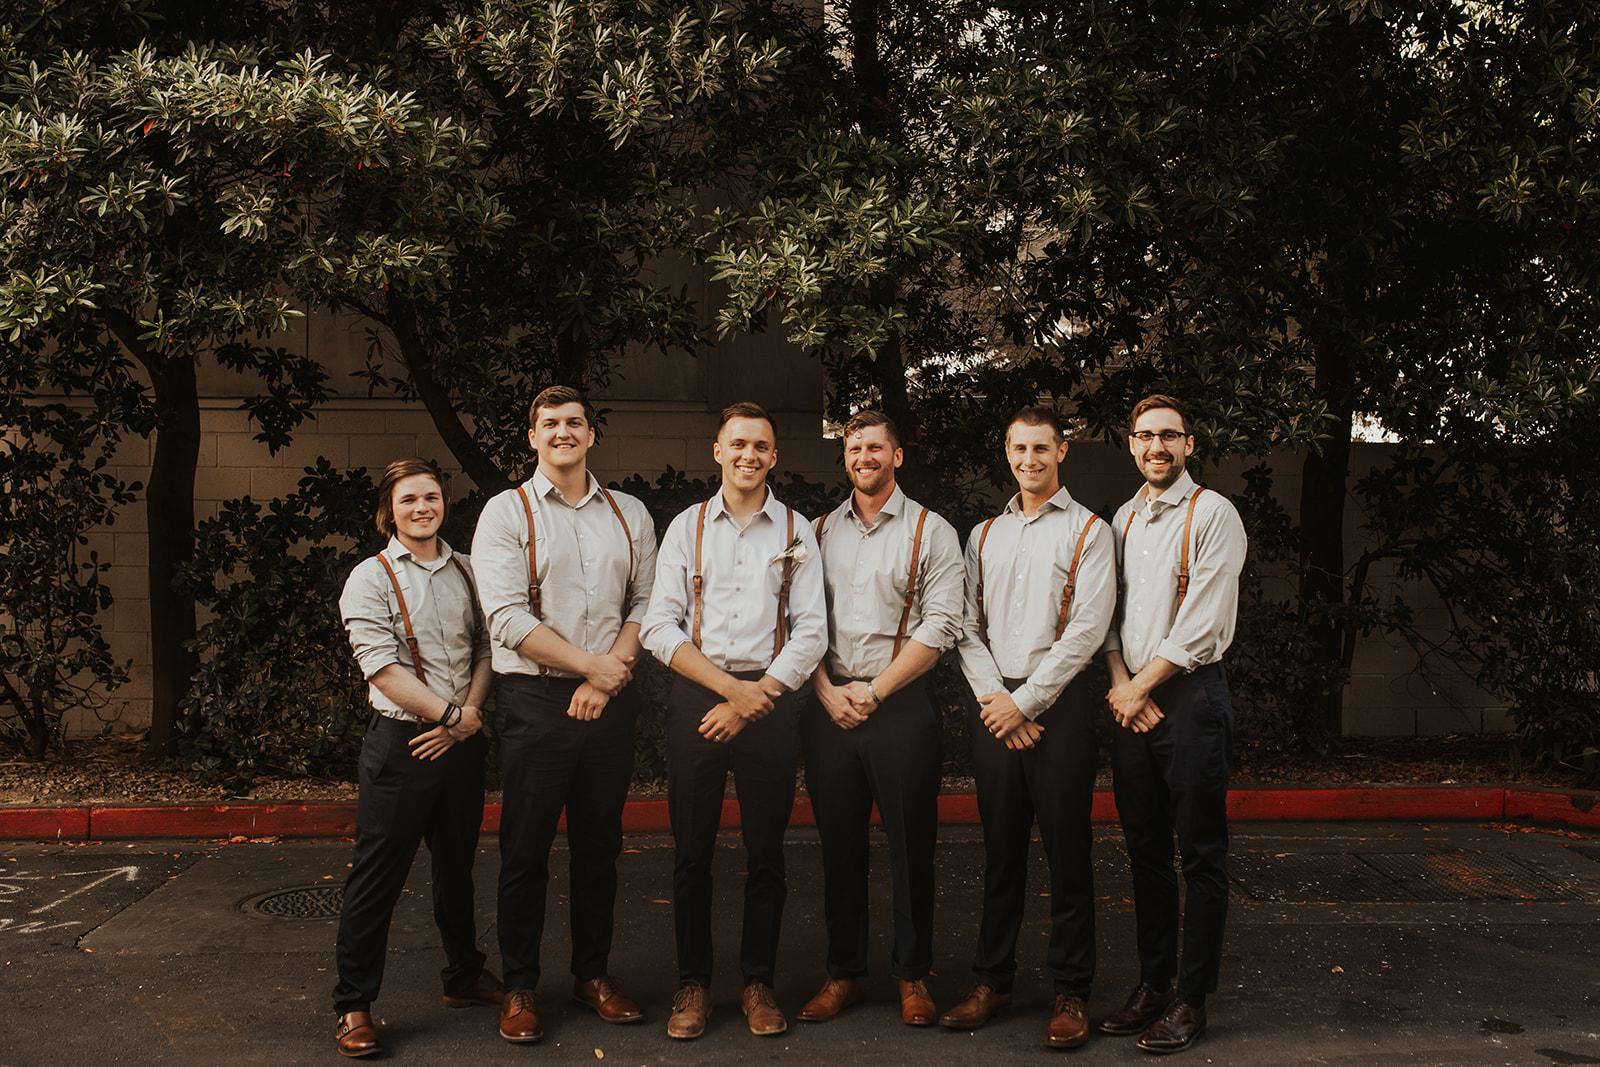 groomsmen spokane bride and groom